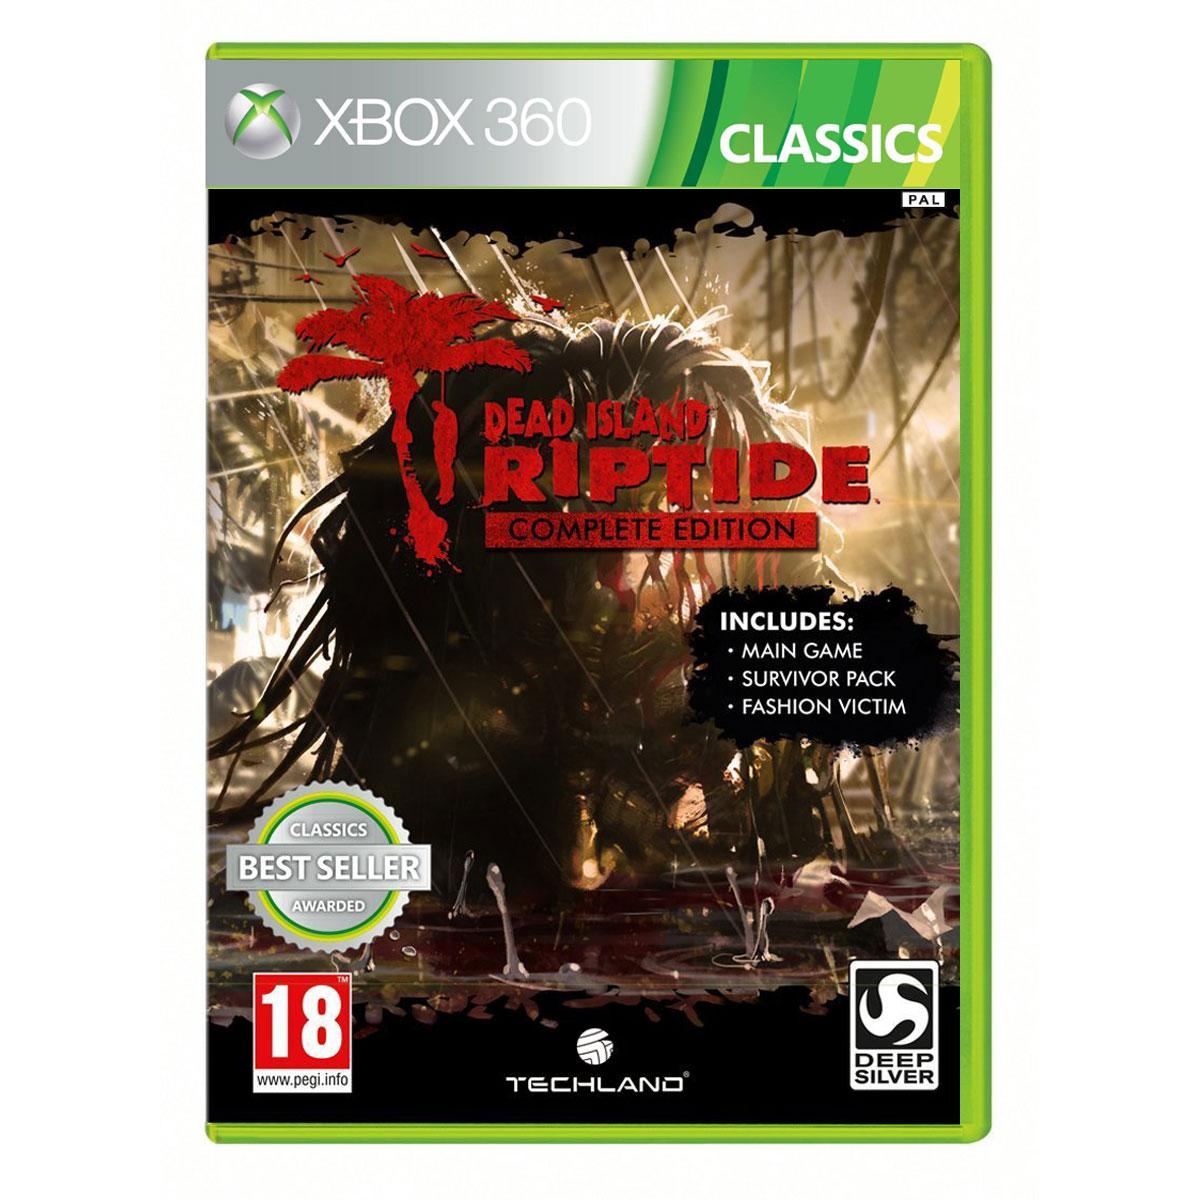 Jeux Xbox 360 Dead Island : Riptide - Edition Complète Classics (Xbox 360) Dead Island : Riptide - Edition Complète Classics (Xbox 360)